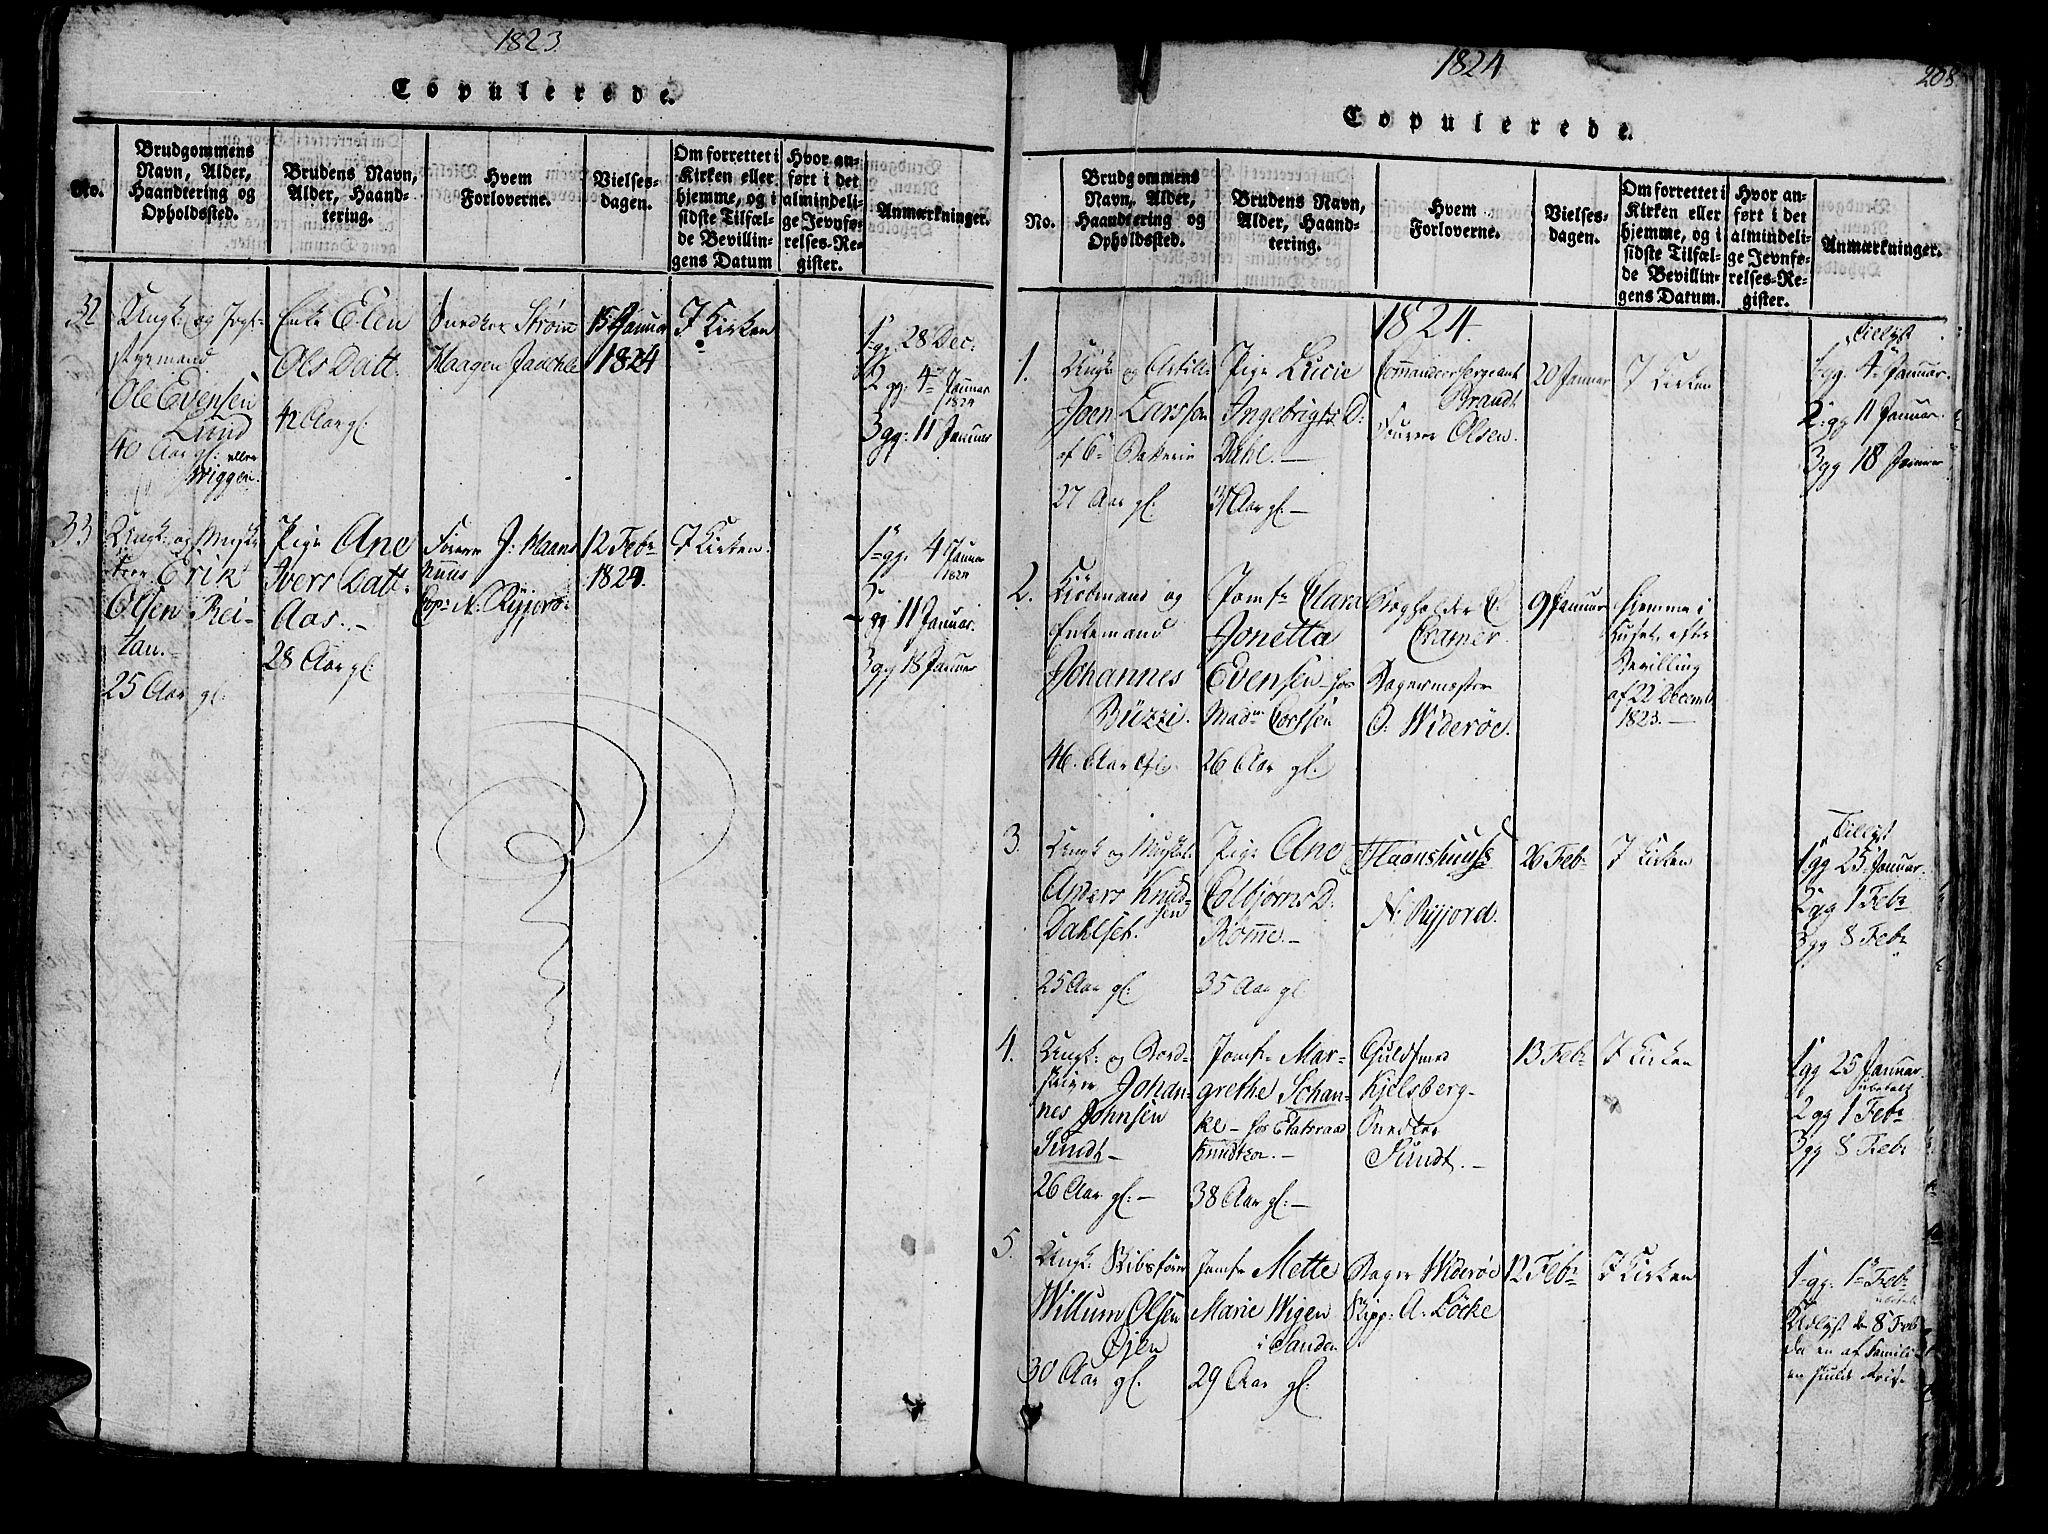 SAT, Ministerialprotokoller, klokkerbøker og fødselsregistre - Sør-Trøndelag, 602/L0135: Klokkerbok nr. 602C03, 1815-1832, s. 208